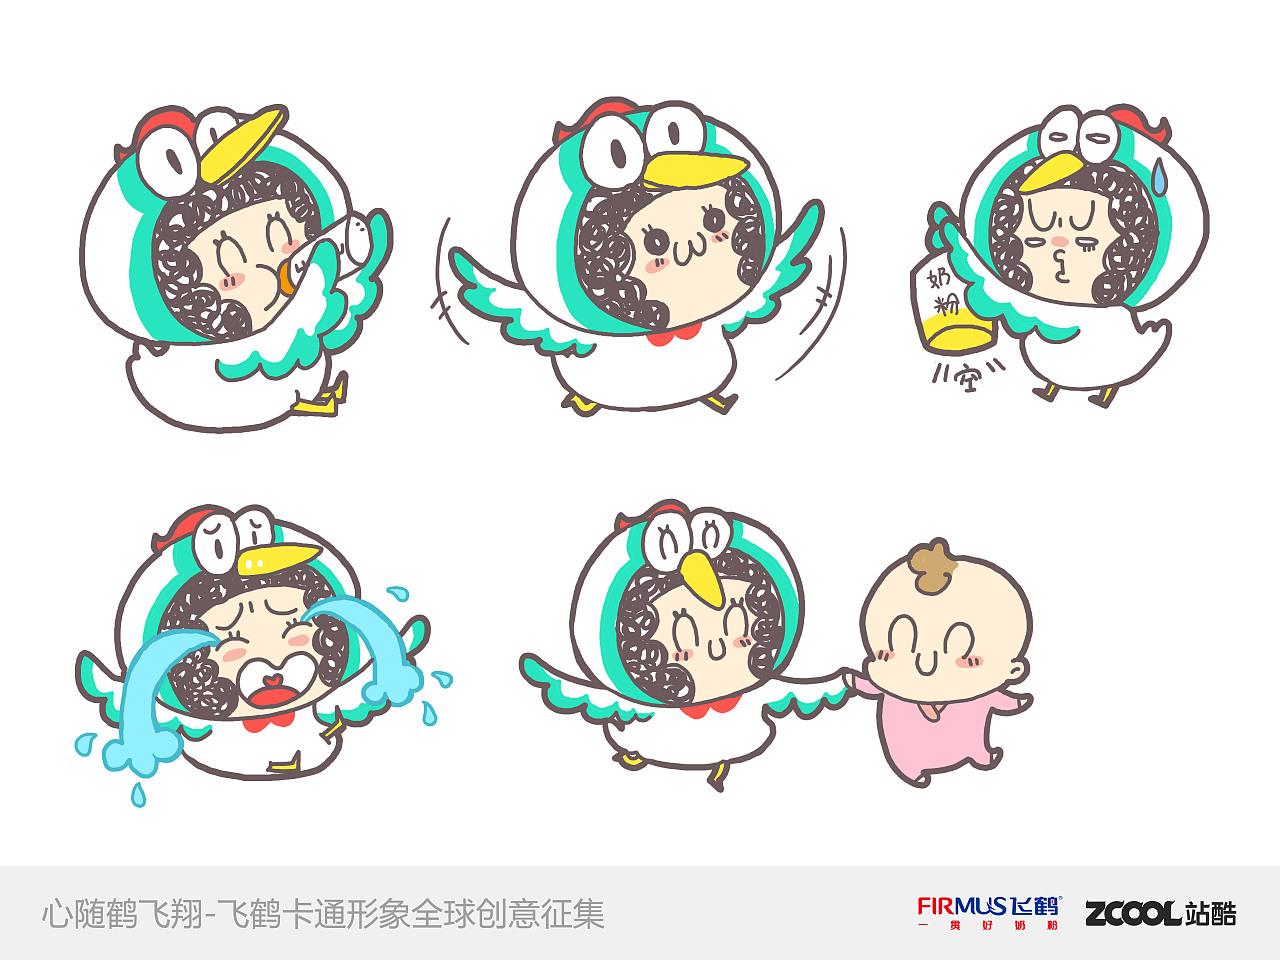 飞鹤卡通形象---小花